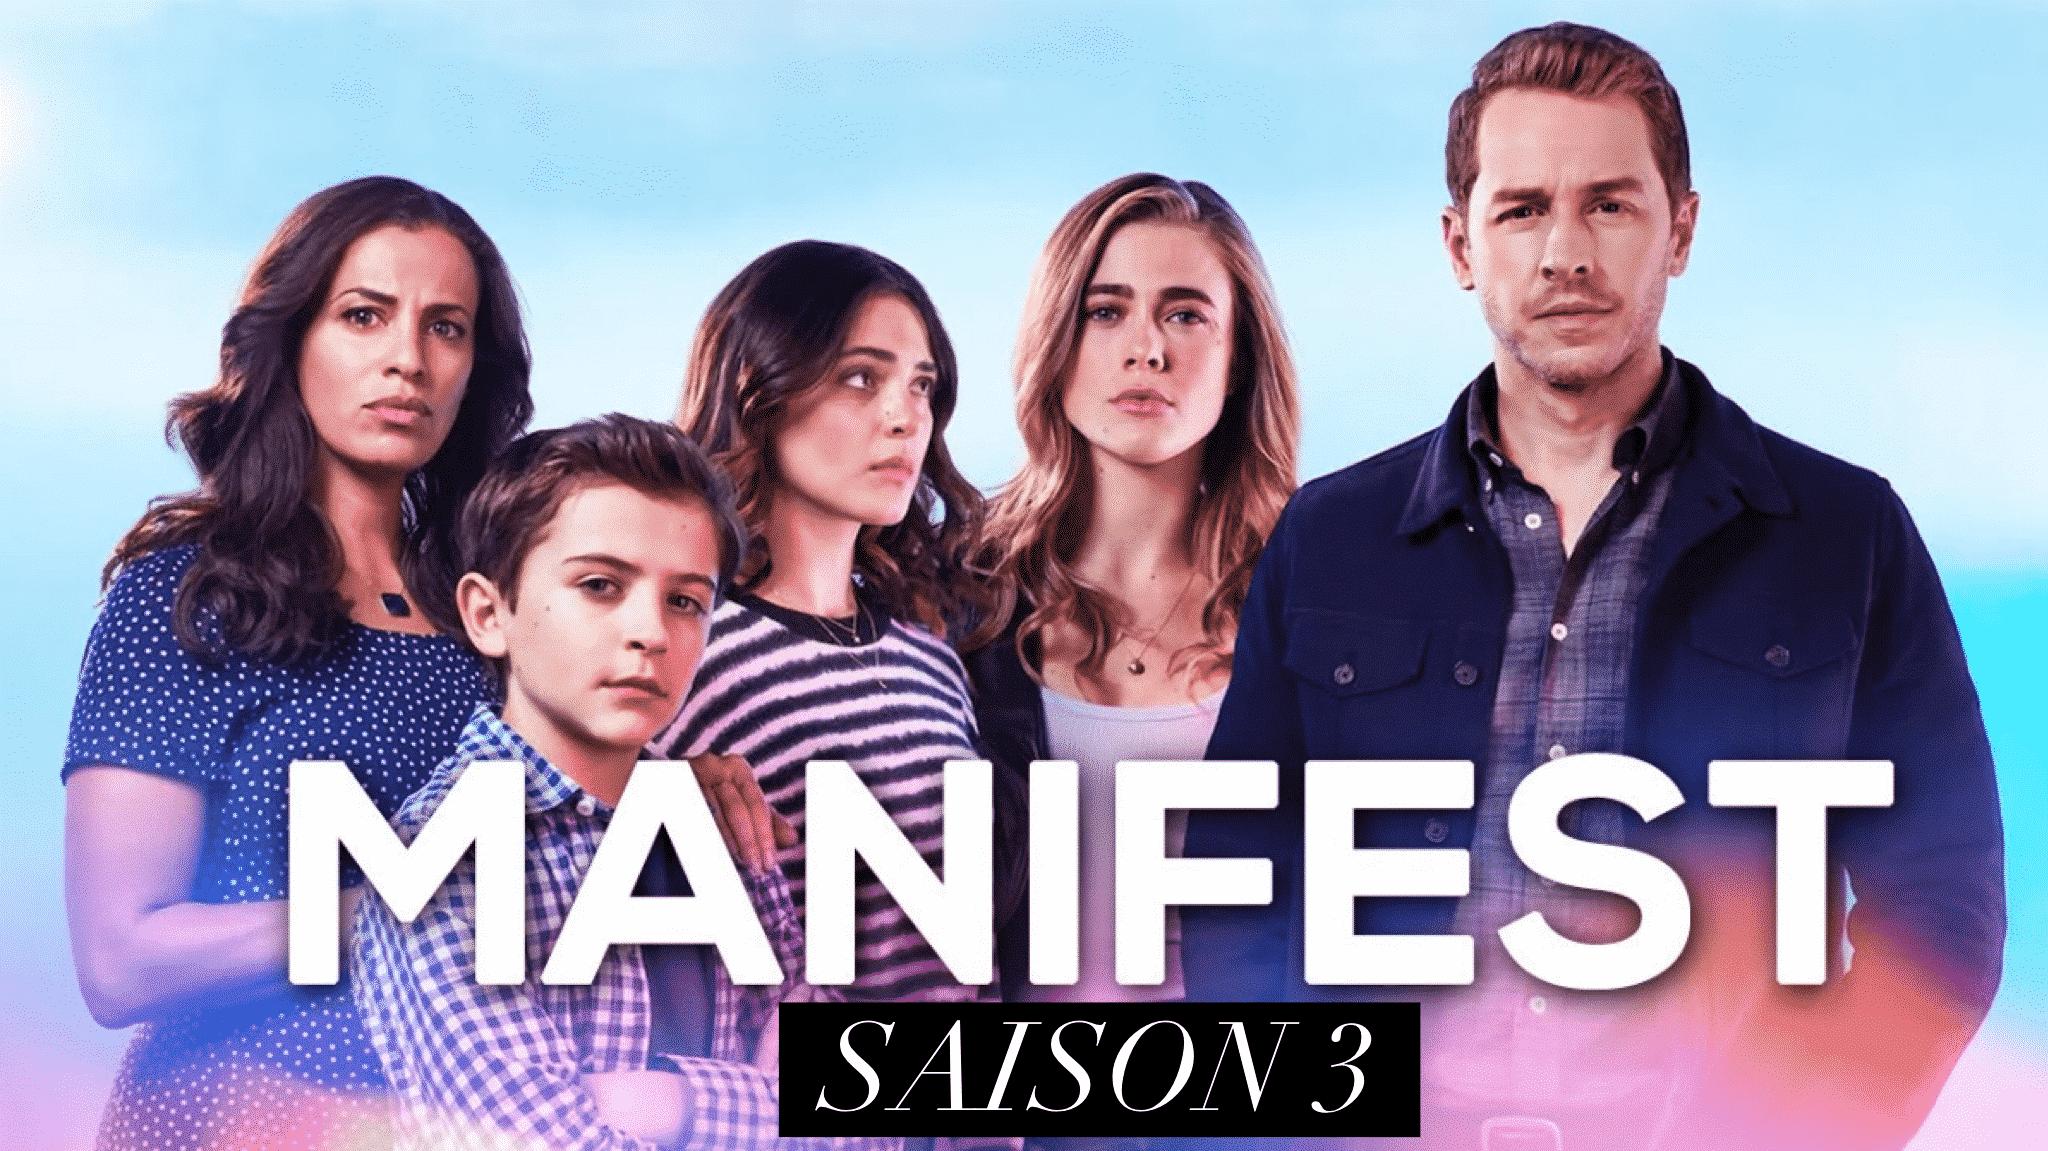 La troisième saison de The Manifest sera présentée en 2021, a annoncé NBC 1